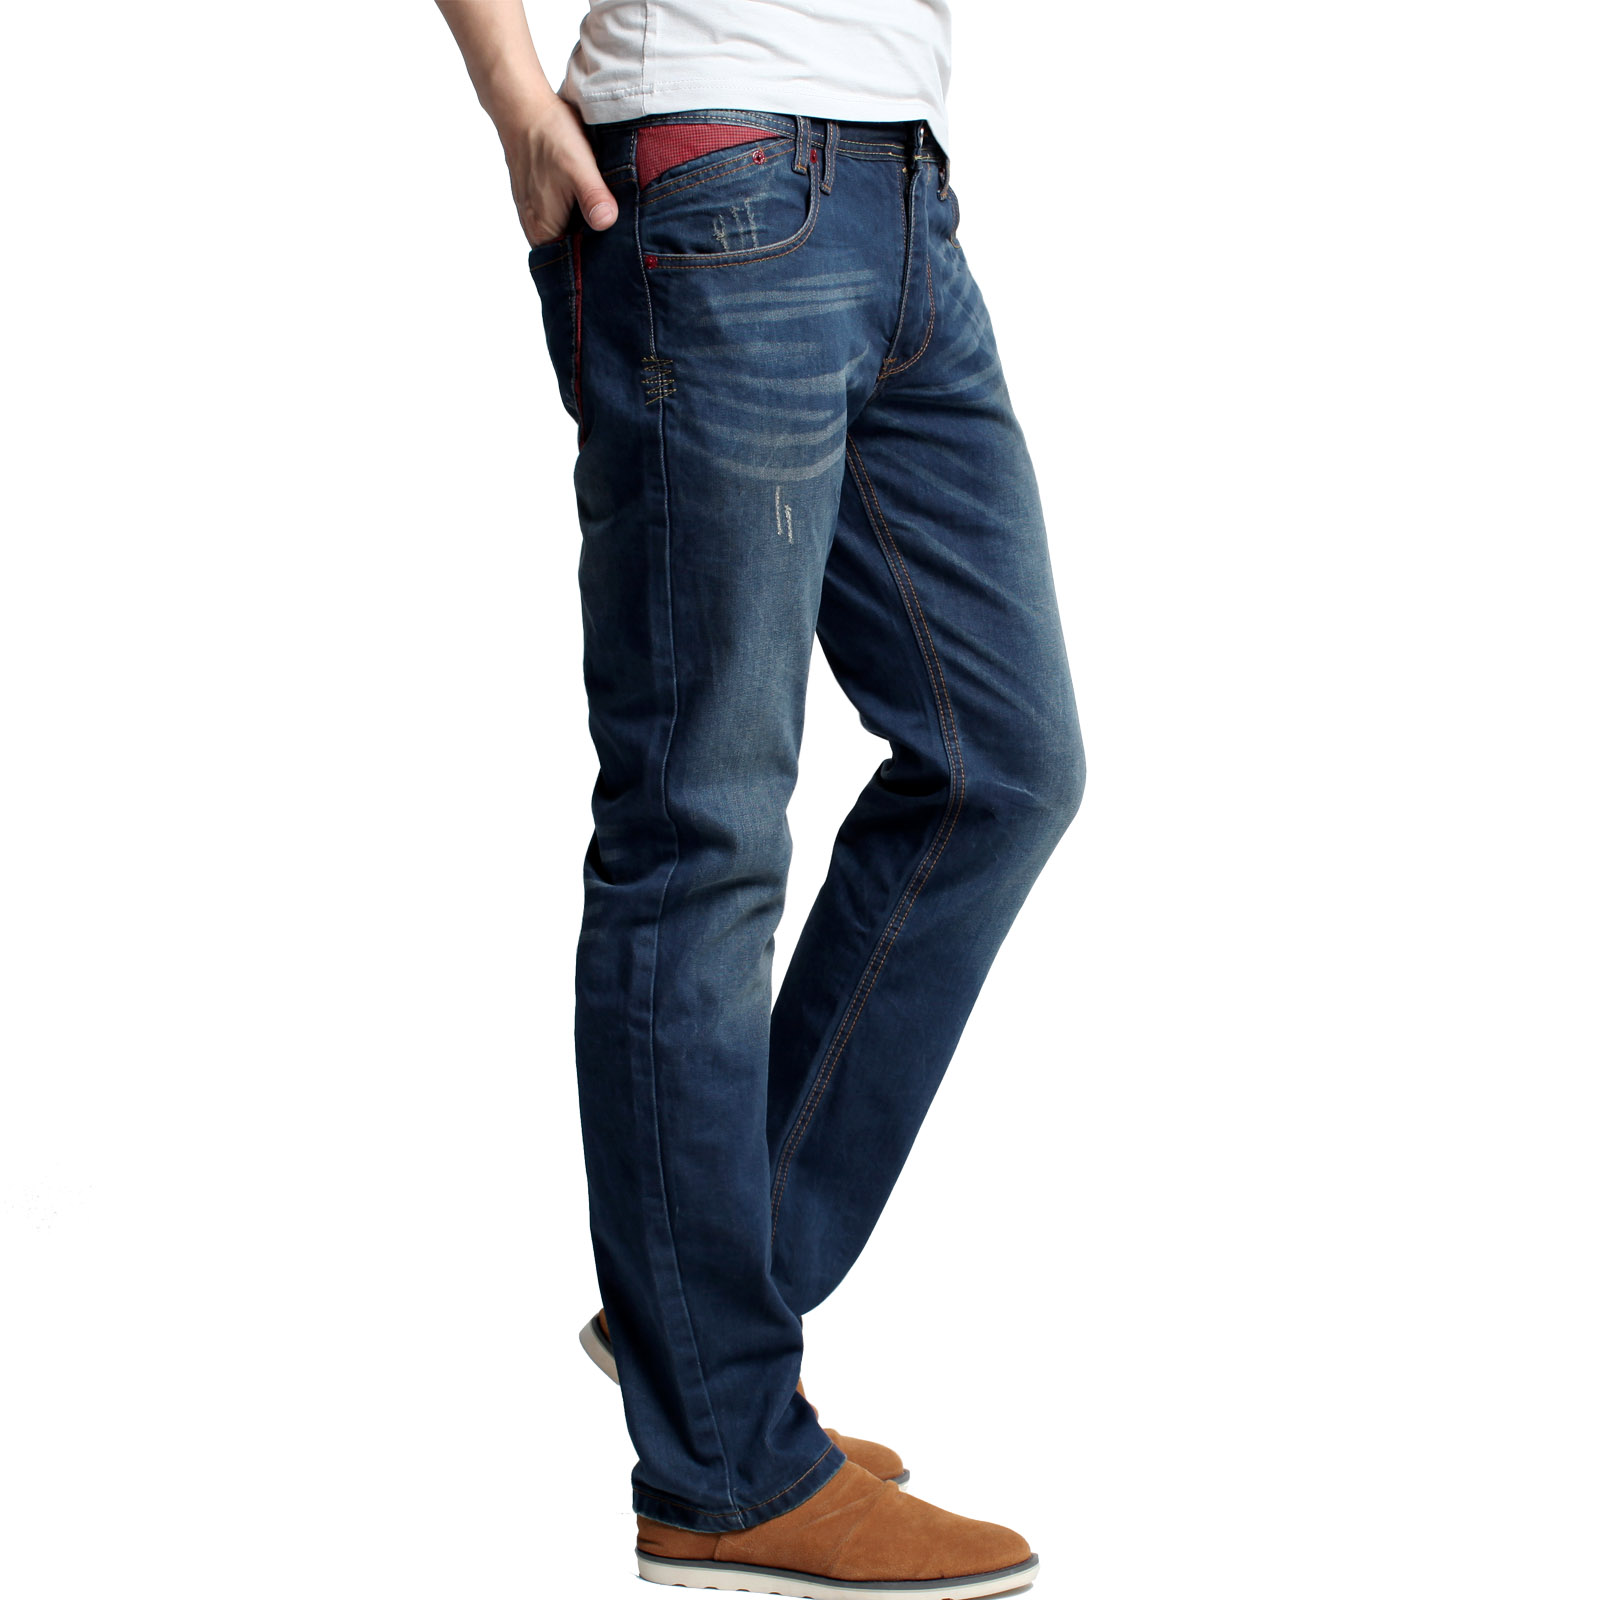 Джинсы мужские KUEGOU 1120 FK- Классическая джинсовая ткань 2013